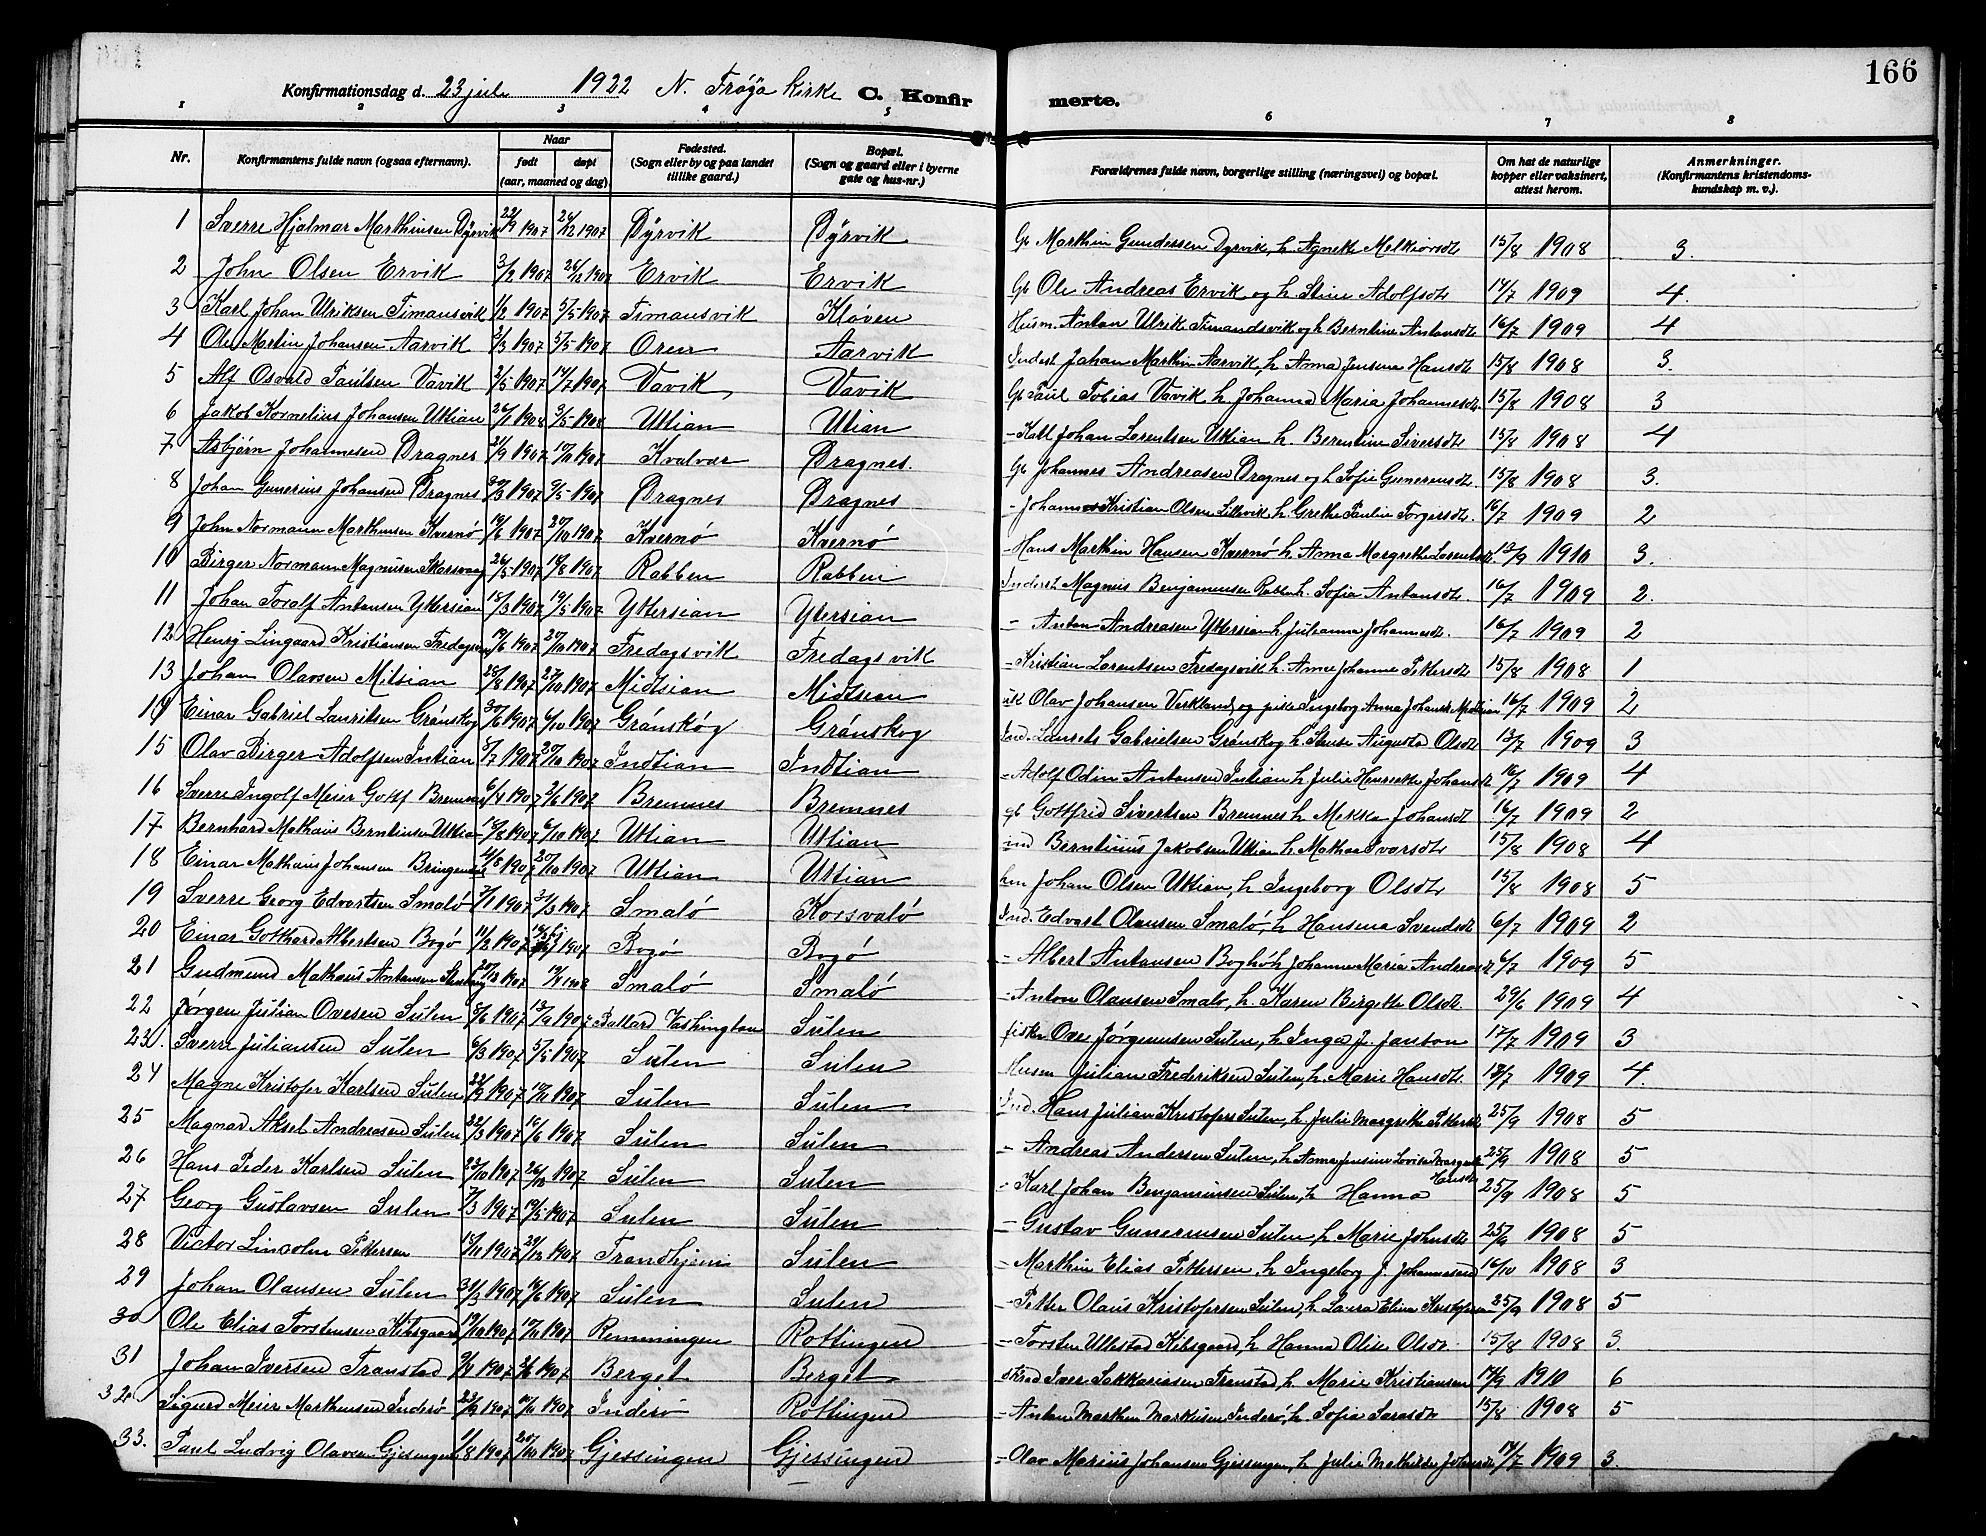 SAT, Ministerialprotokoller, klokkerbøker og fødselsregistre - Sør-Trøndelag, 640/L0588: Klokkerbok nr. 640C05, 1909-1922, s. 166